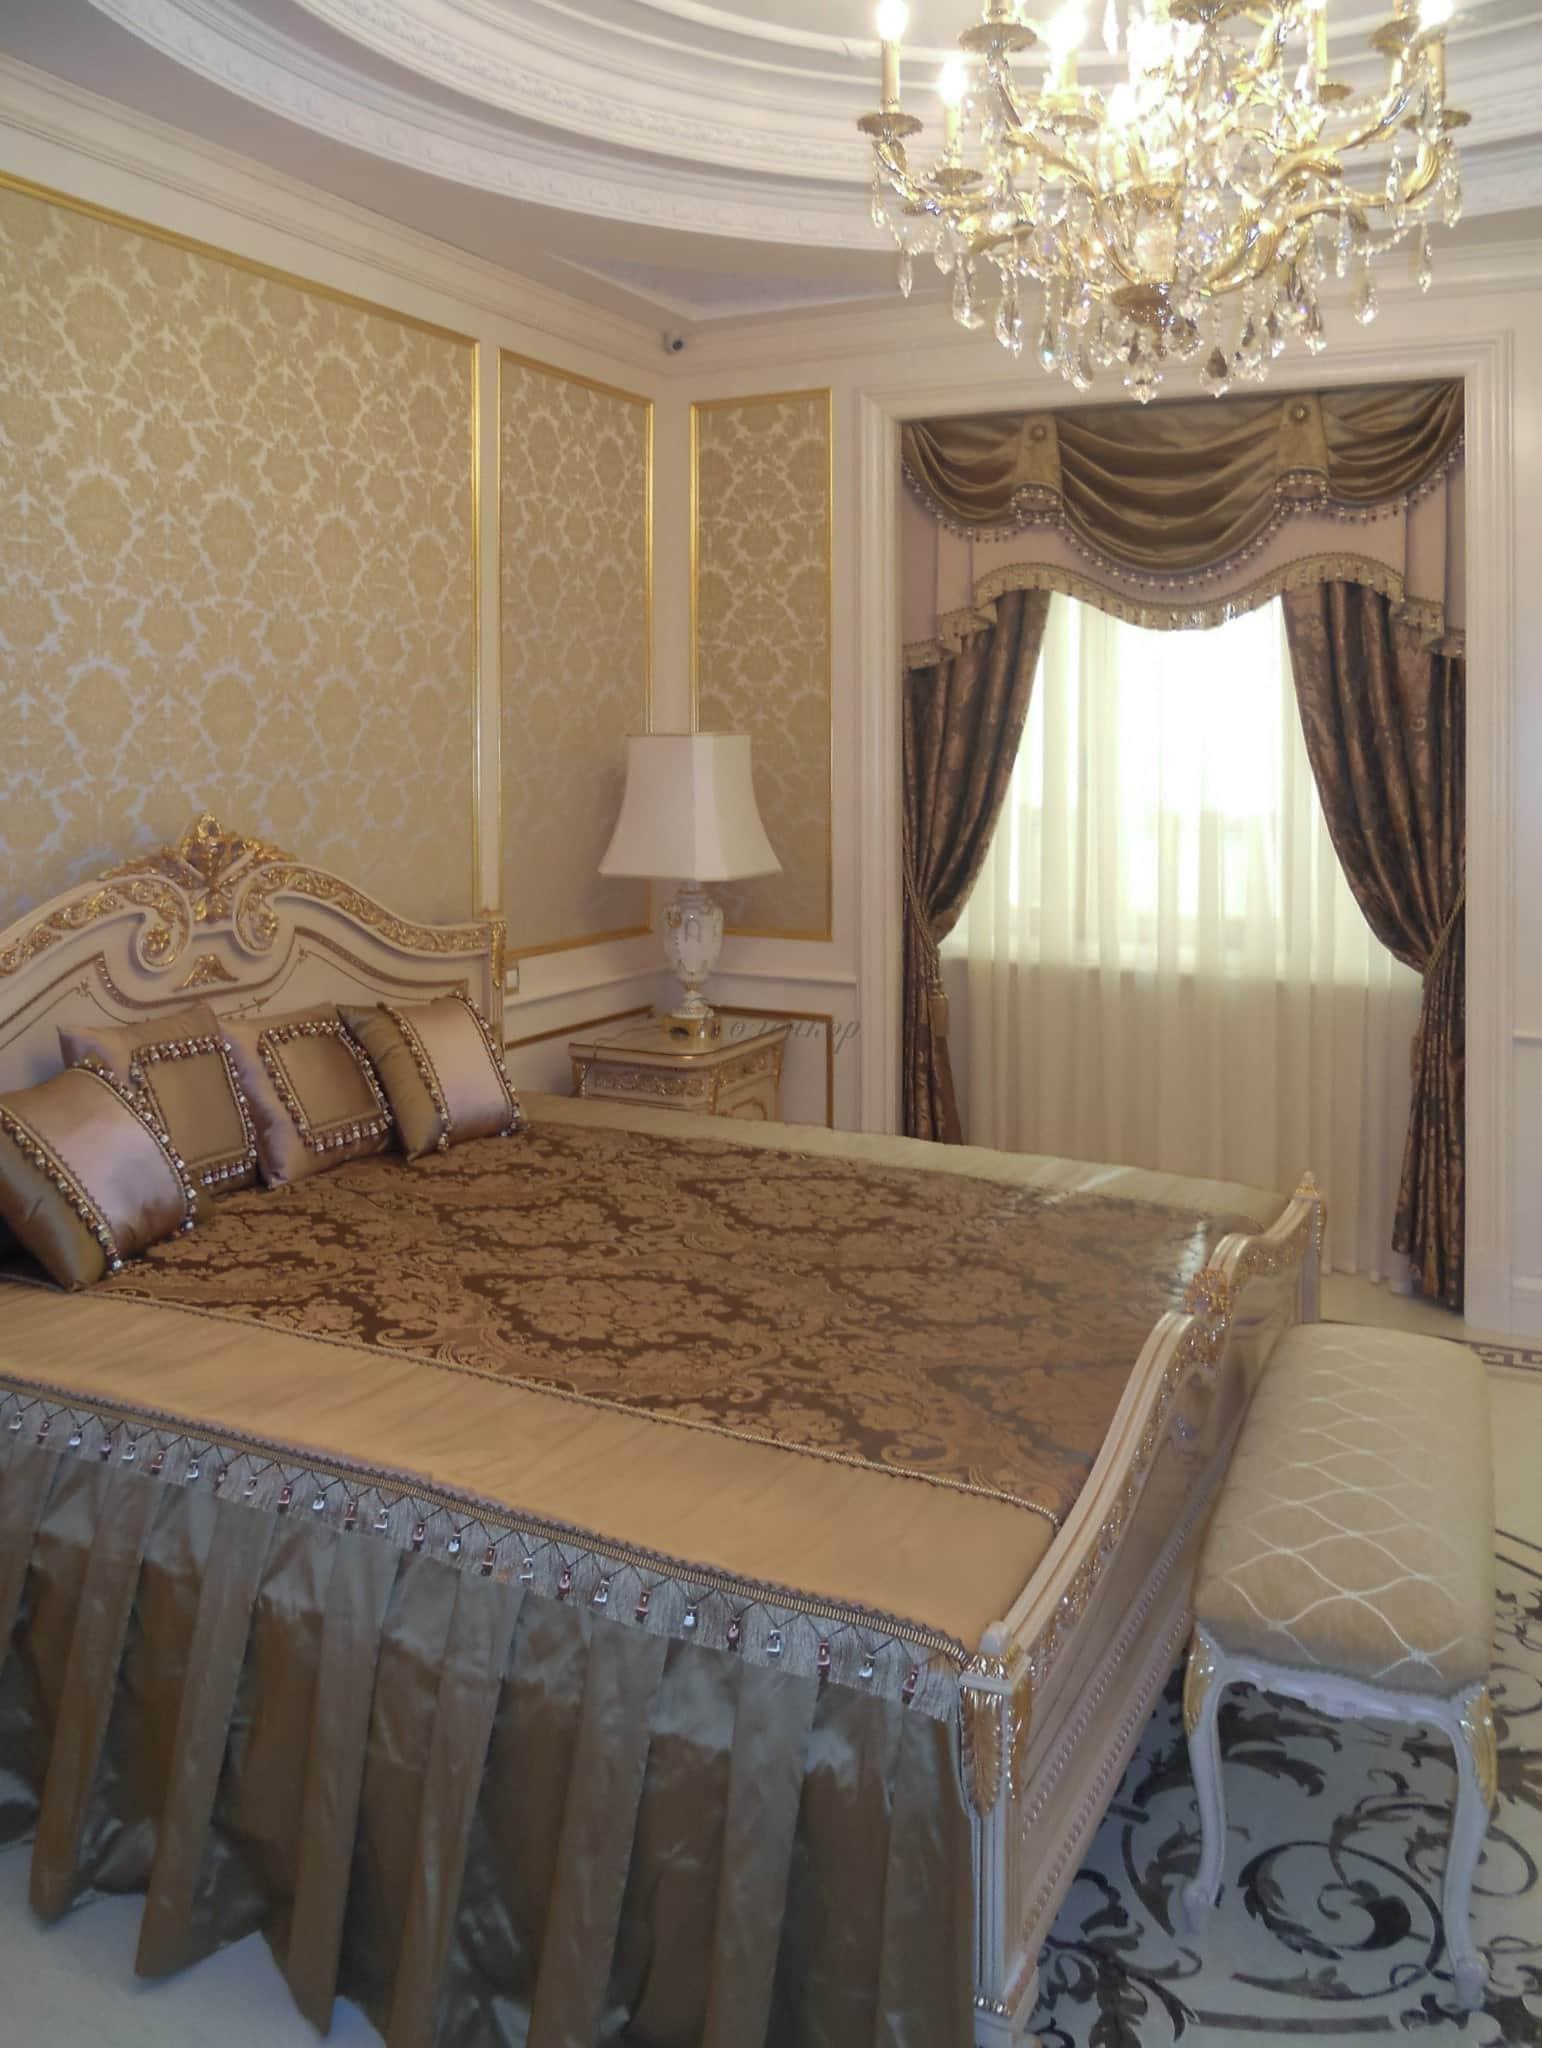 Готовый комплект штор и покрывала на кровать